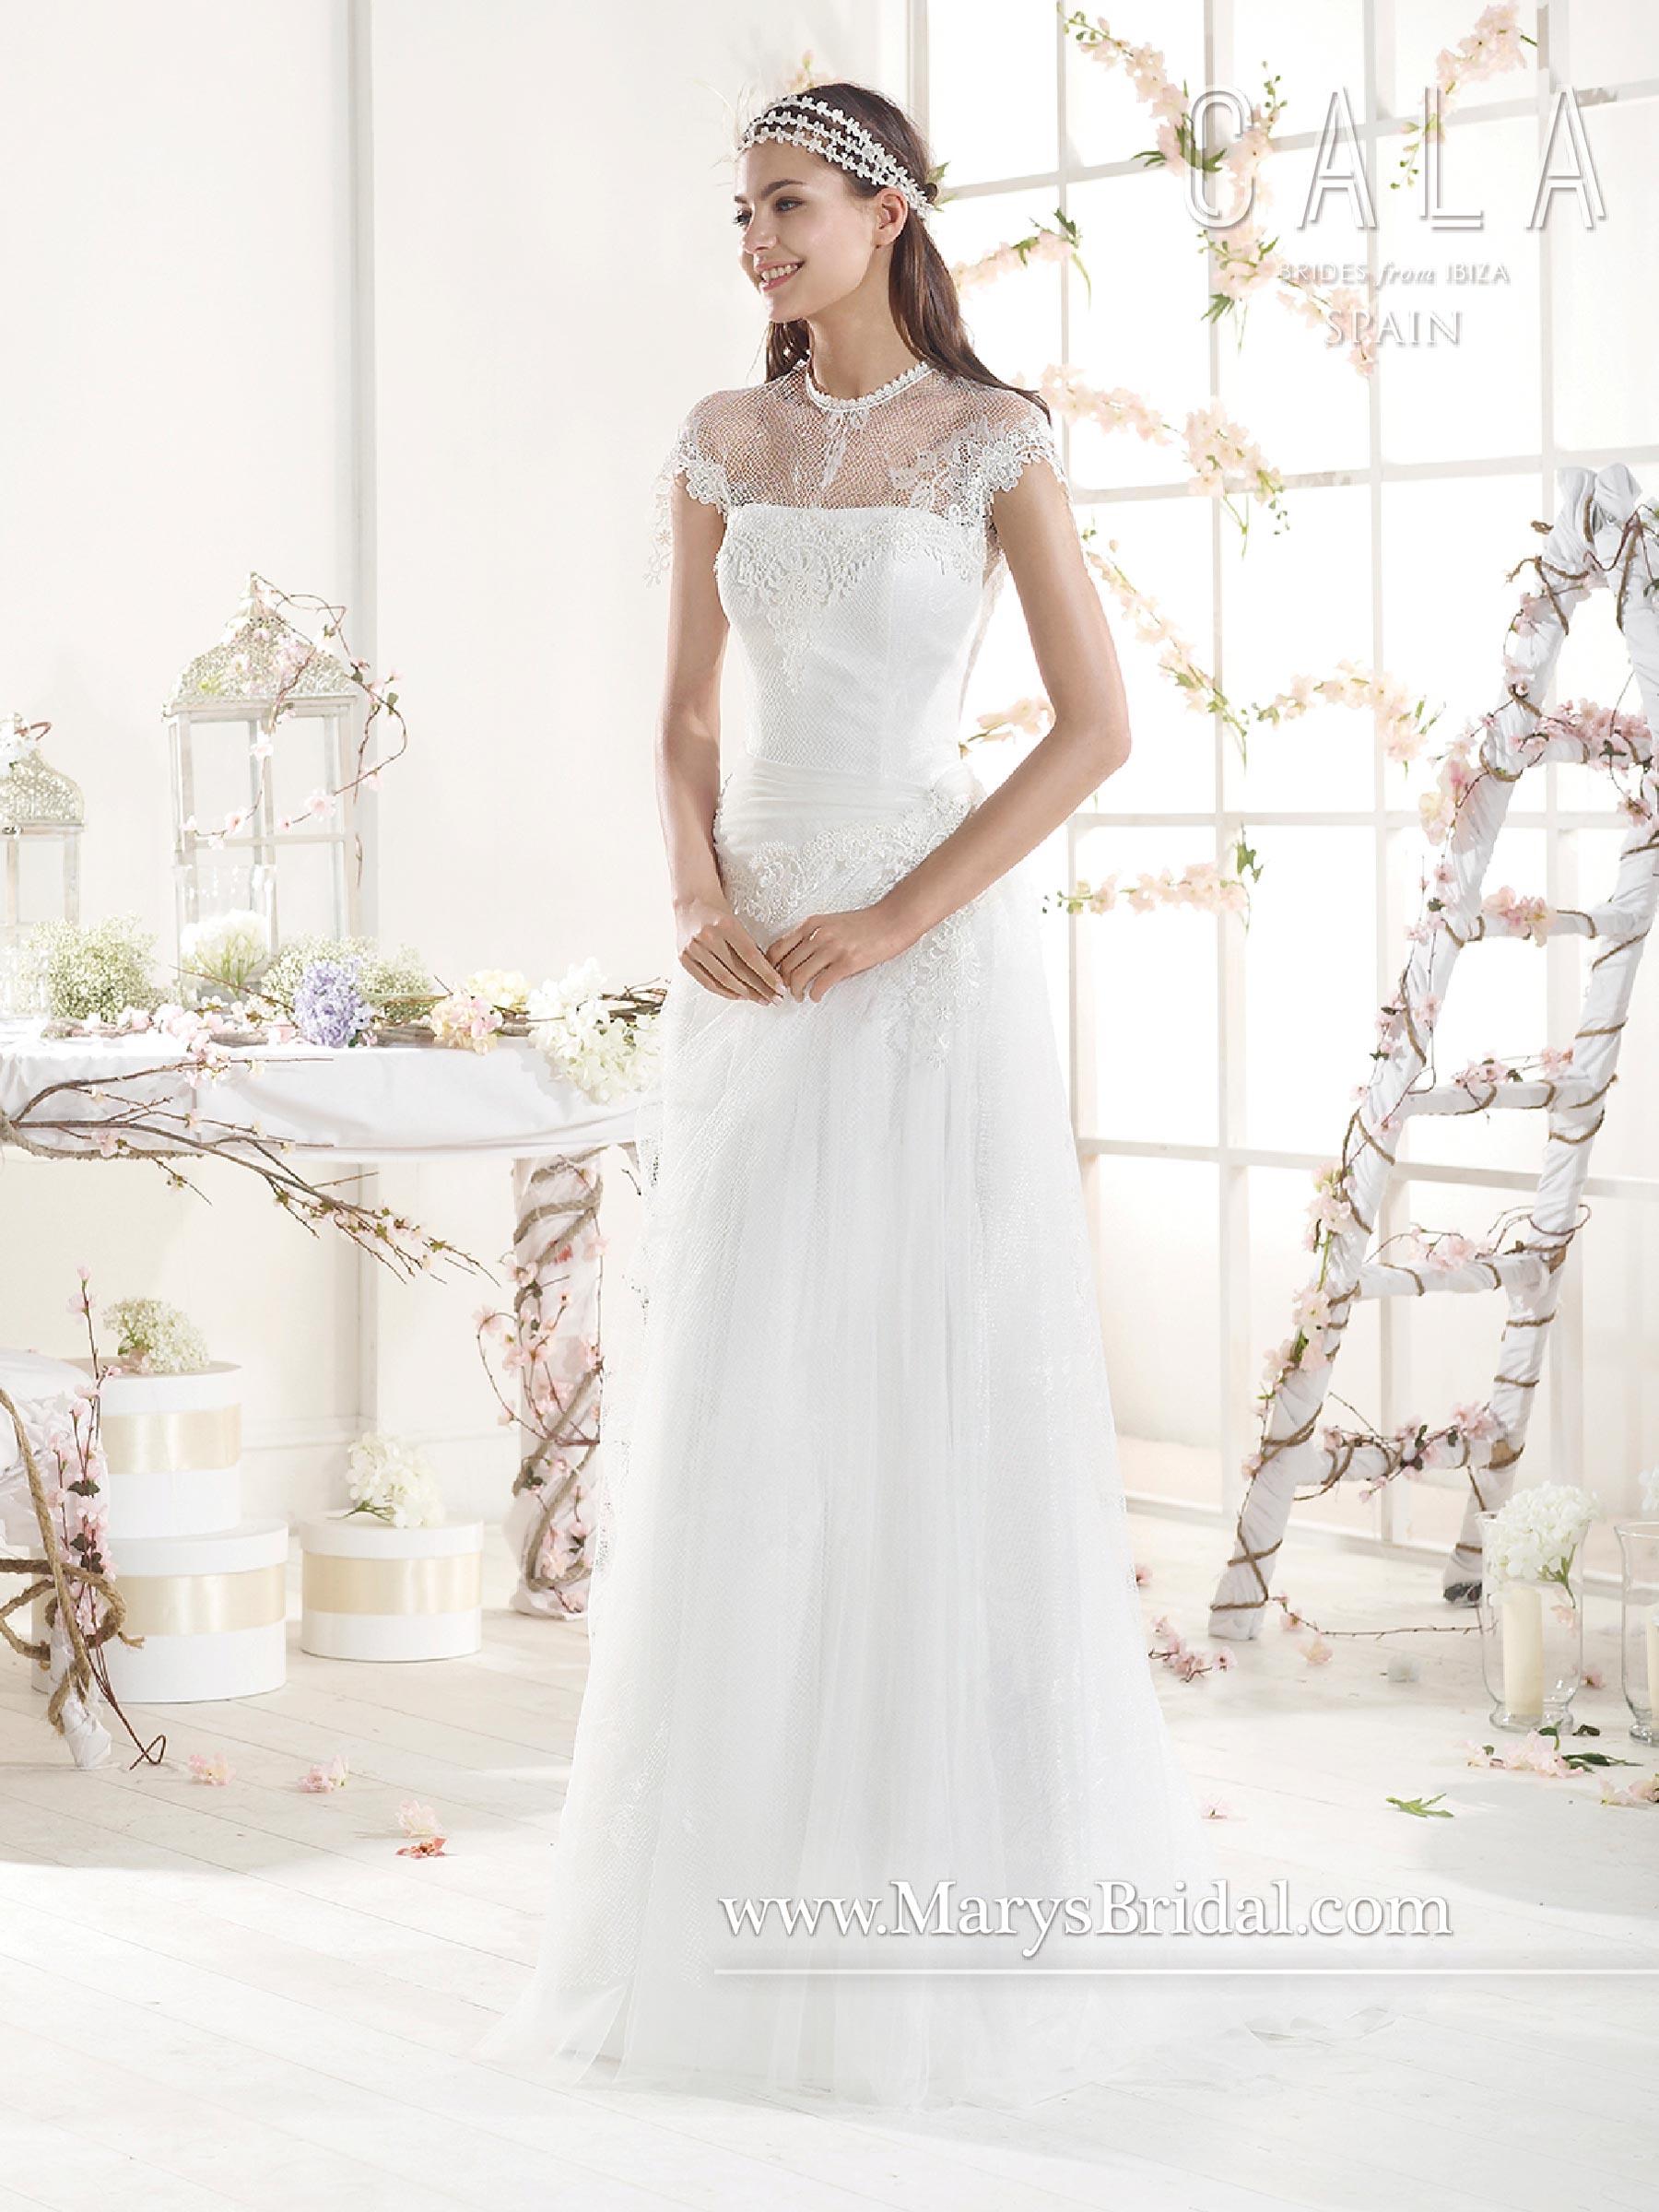 B8028-marys bridal